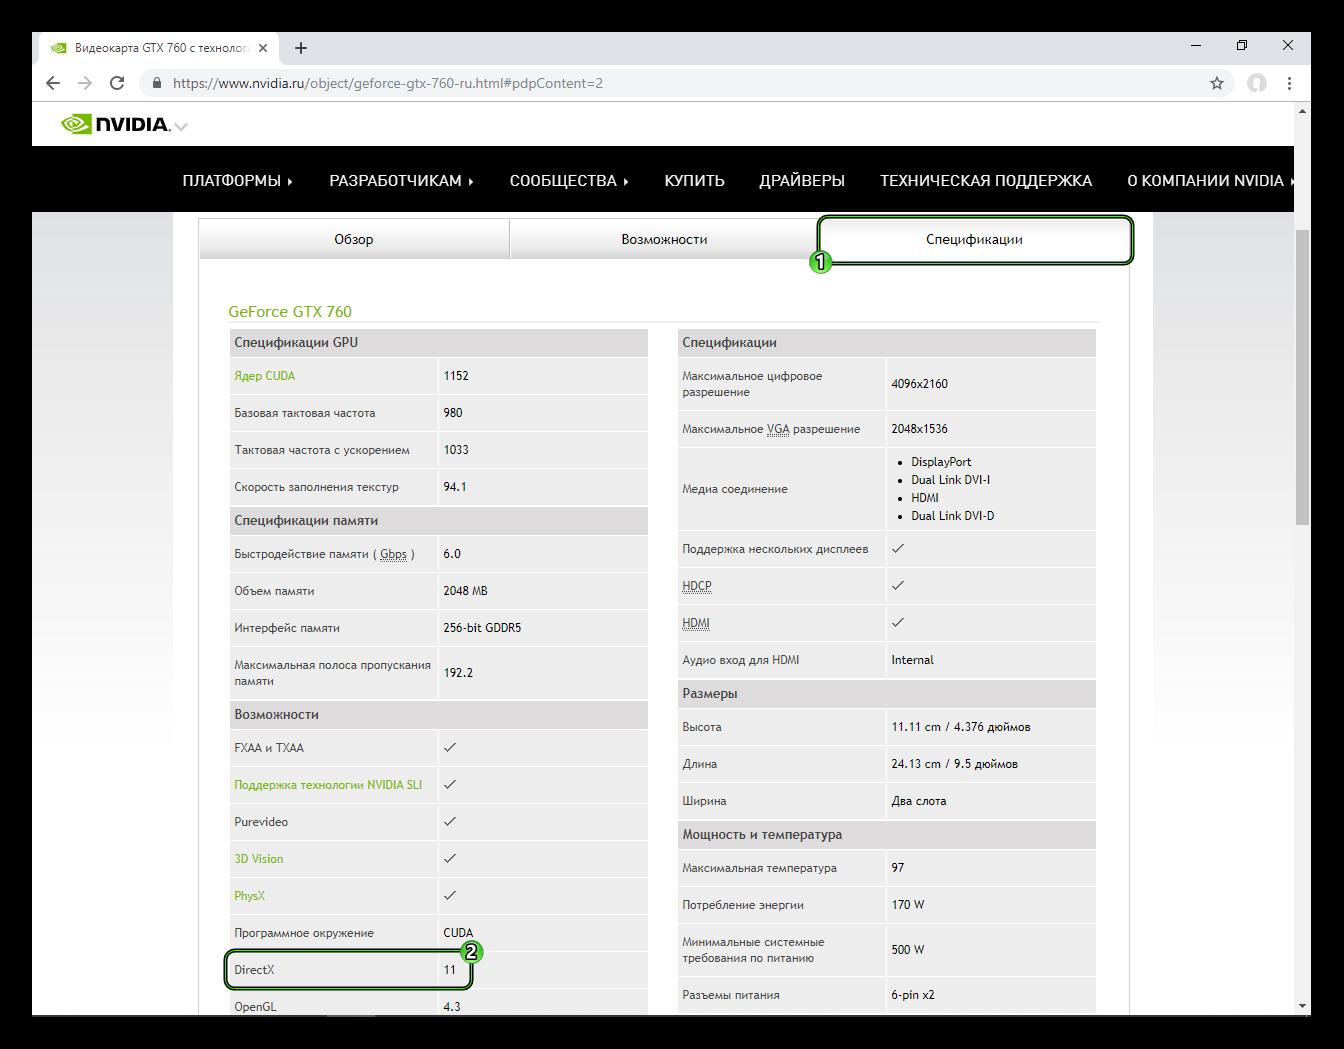 Информация о версии DirectX для видеокарты Nvidia на официальном сайте